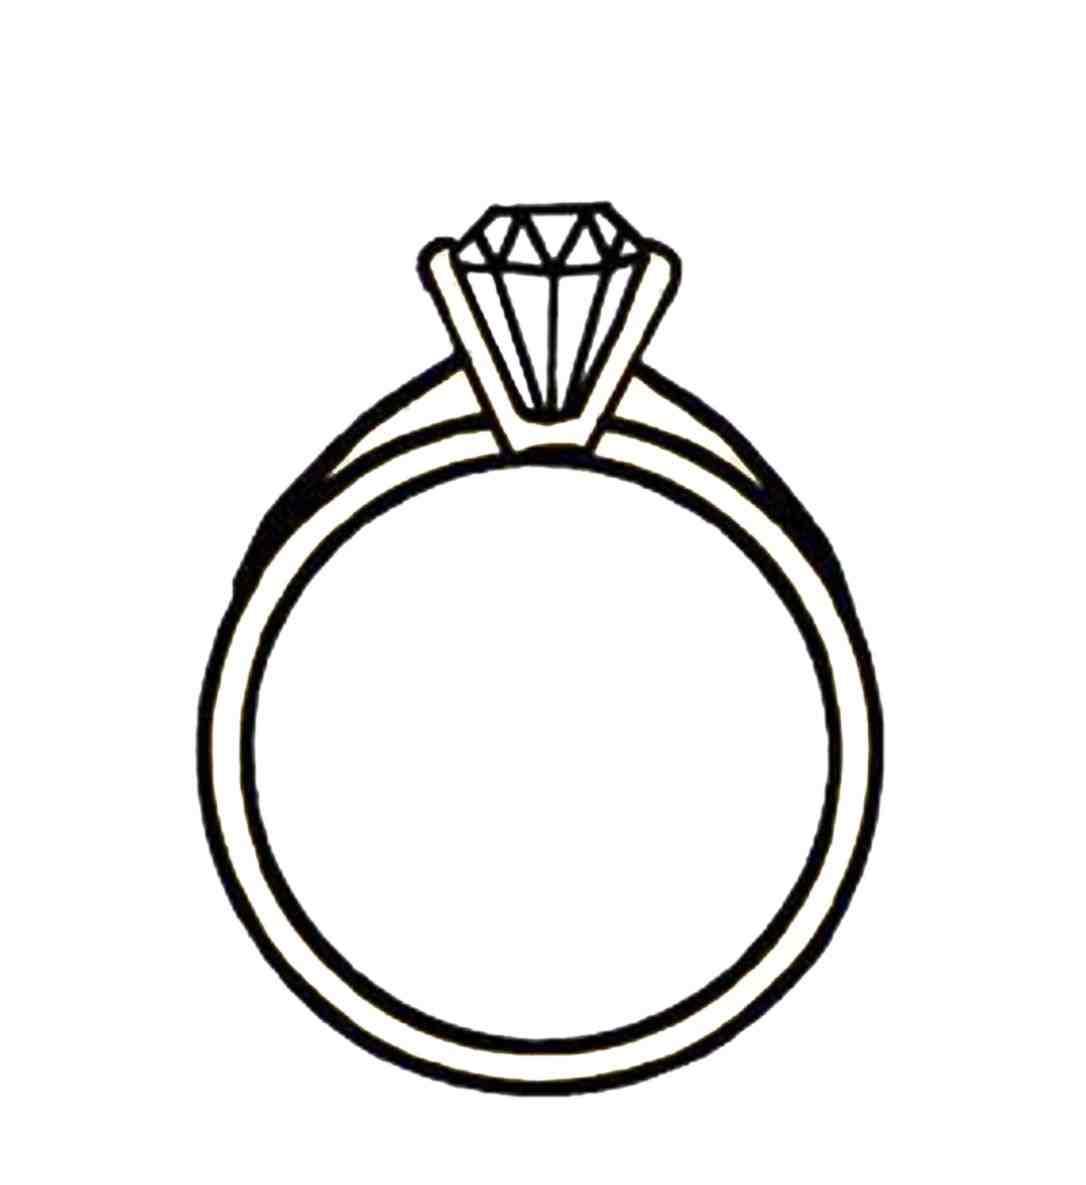 1086x1185 Wedding Ring Border Clipart